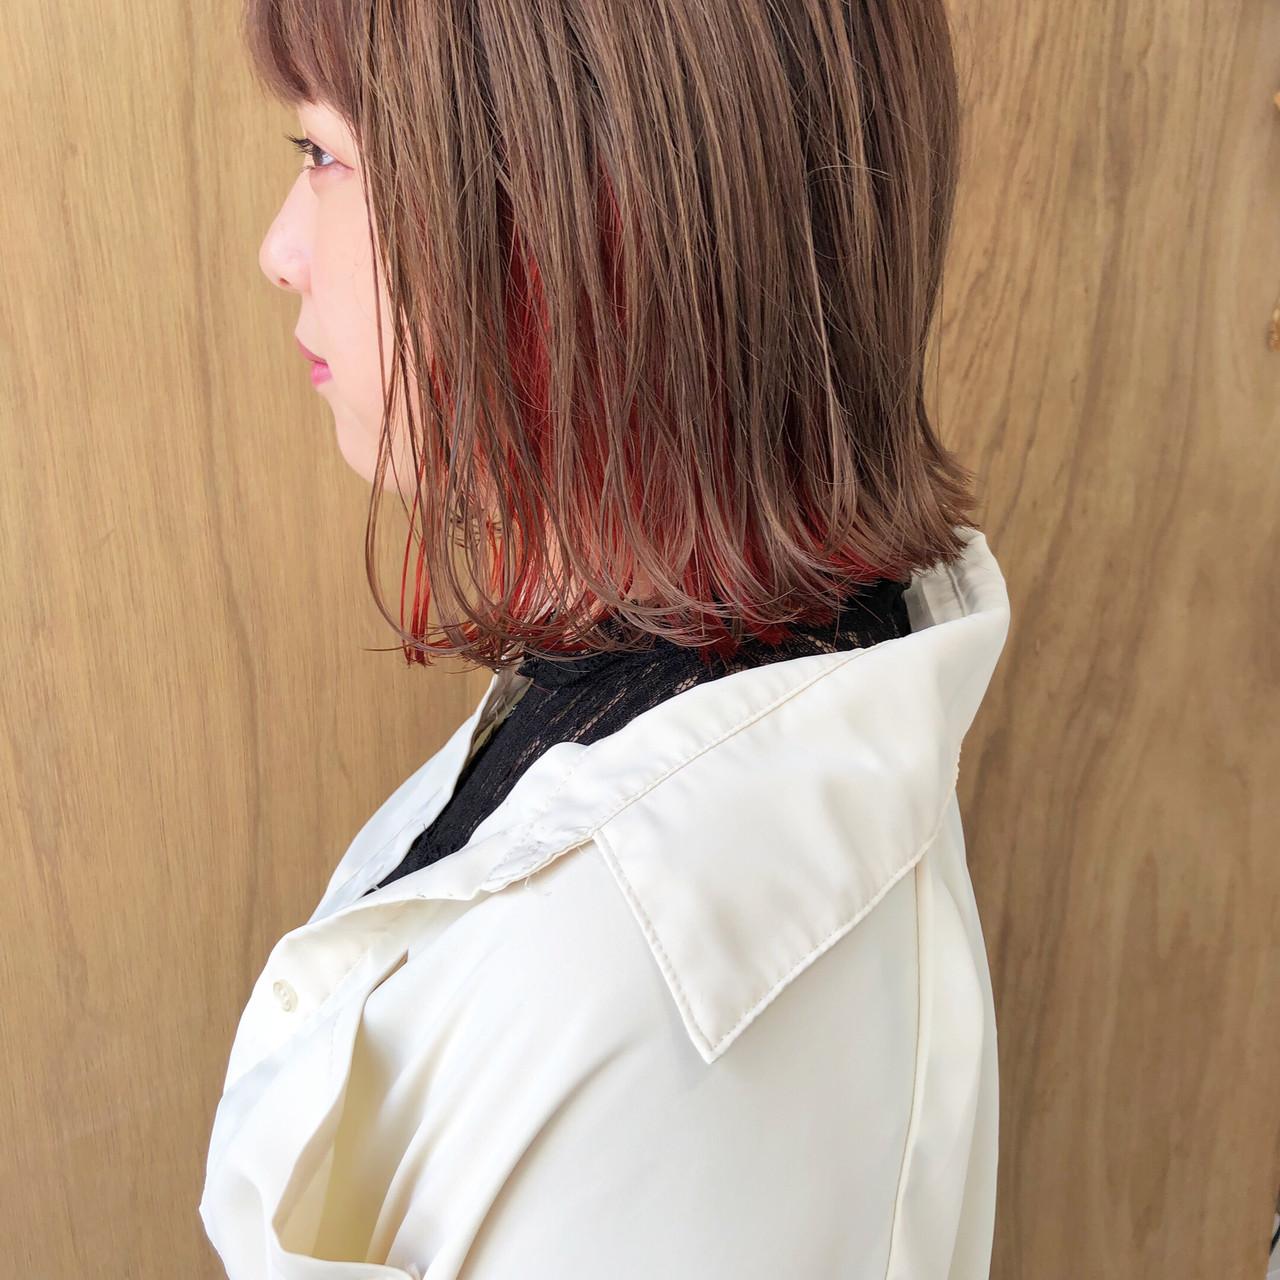 インナーカラー 切りっぱなしボブ グラデーションカラー ショートボブ ヘアスタイルや髪型の写真・画像 | 松井勇樹 / TWiGGY  歩行町店